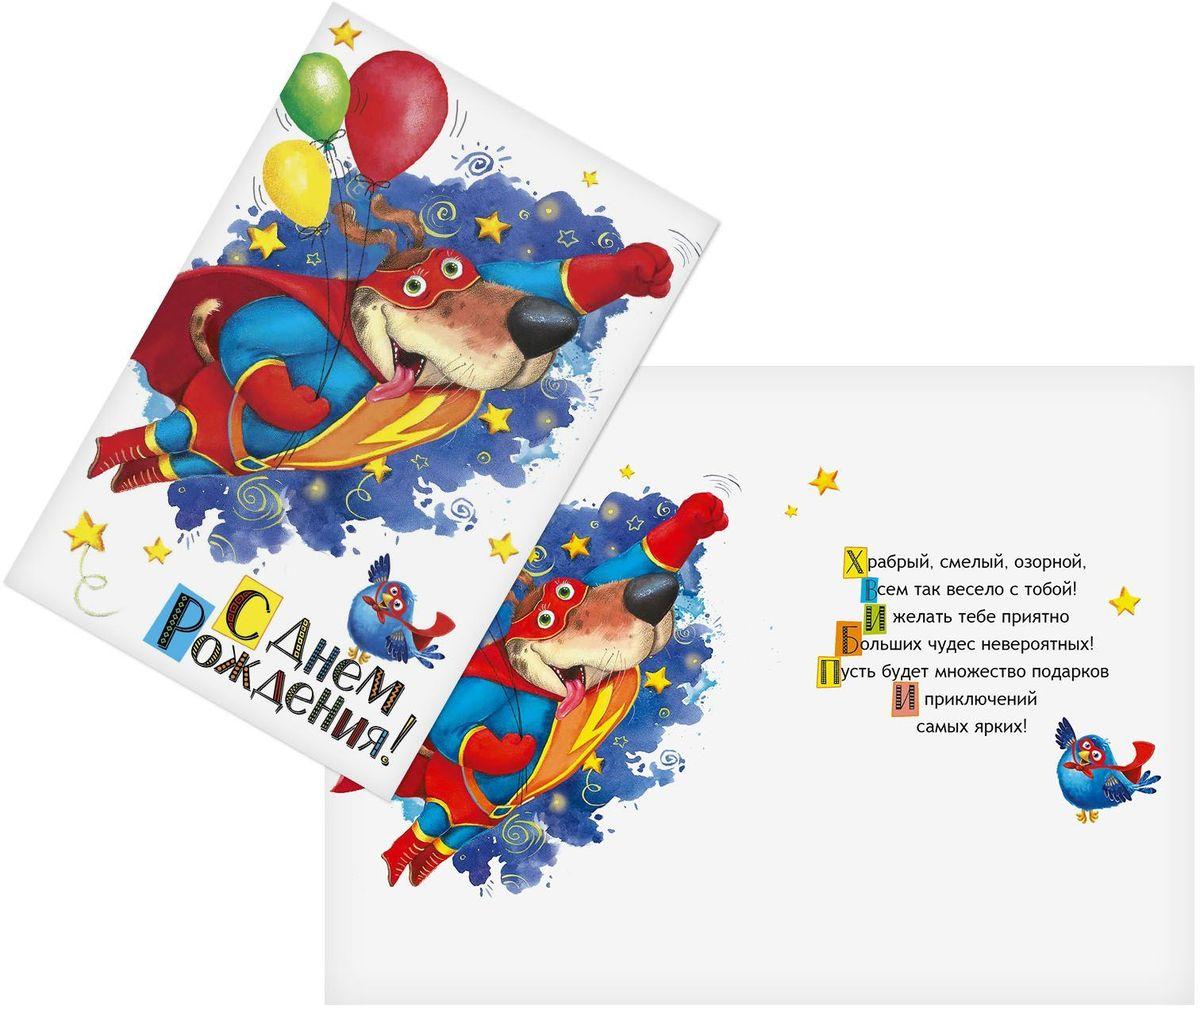 Открытка Дарите cчастье Пёс - супергерой, 12 х 18 см890110Атмосферу праздника создают детали: свечи, цветы, бокалы, воздушные шары и поздравительные открытки — яркие и весёлые, романтичные и нежные, милые и трогательные. Расскажите о своих чувствах дорогому для вас человеку, поделитесь радостью с близкими и друзьями. Открытка с креативным дизайном вам в этом поможет.